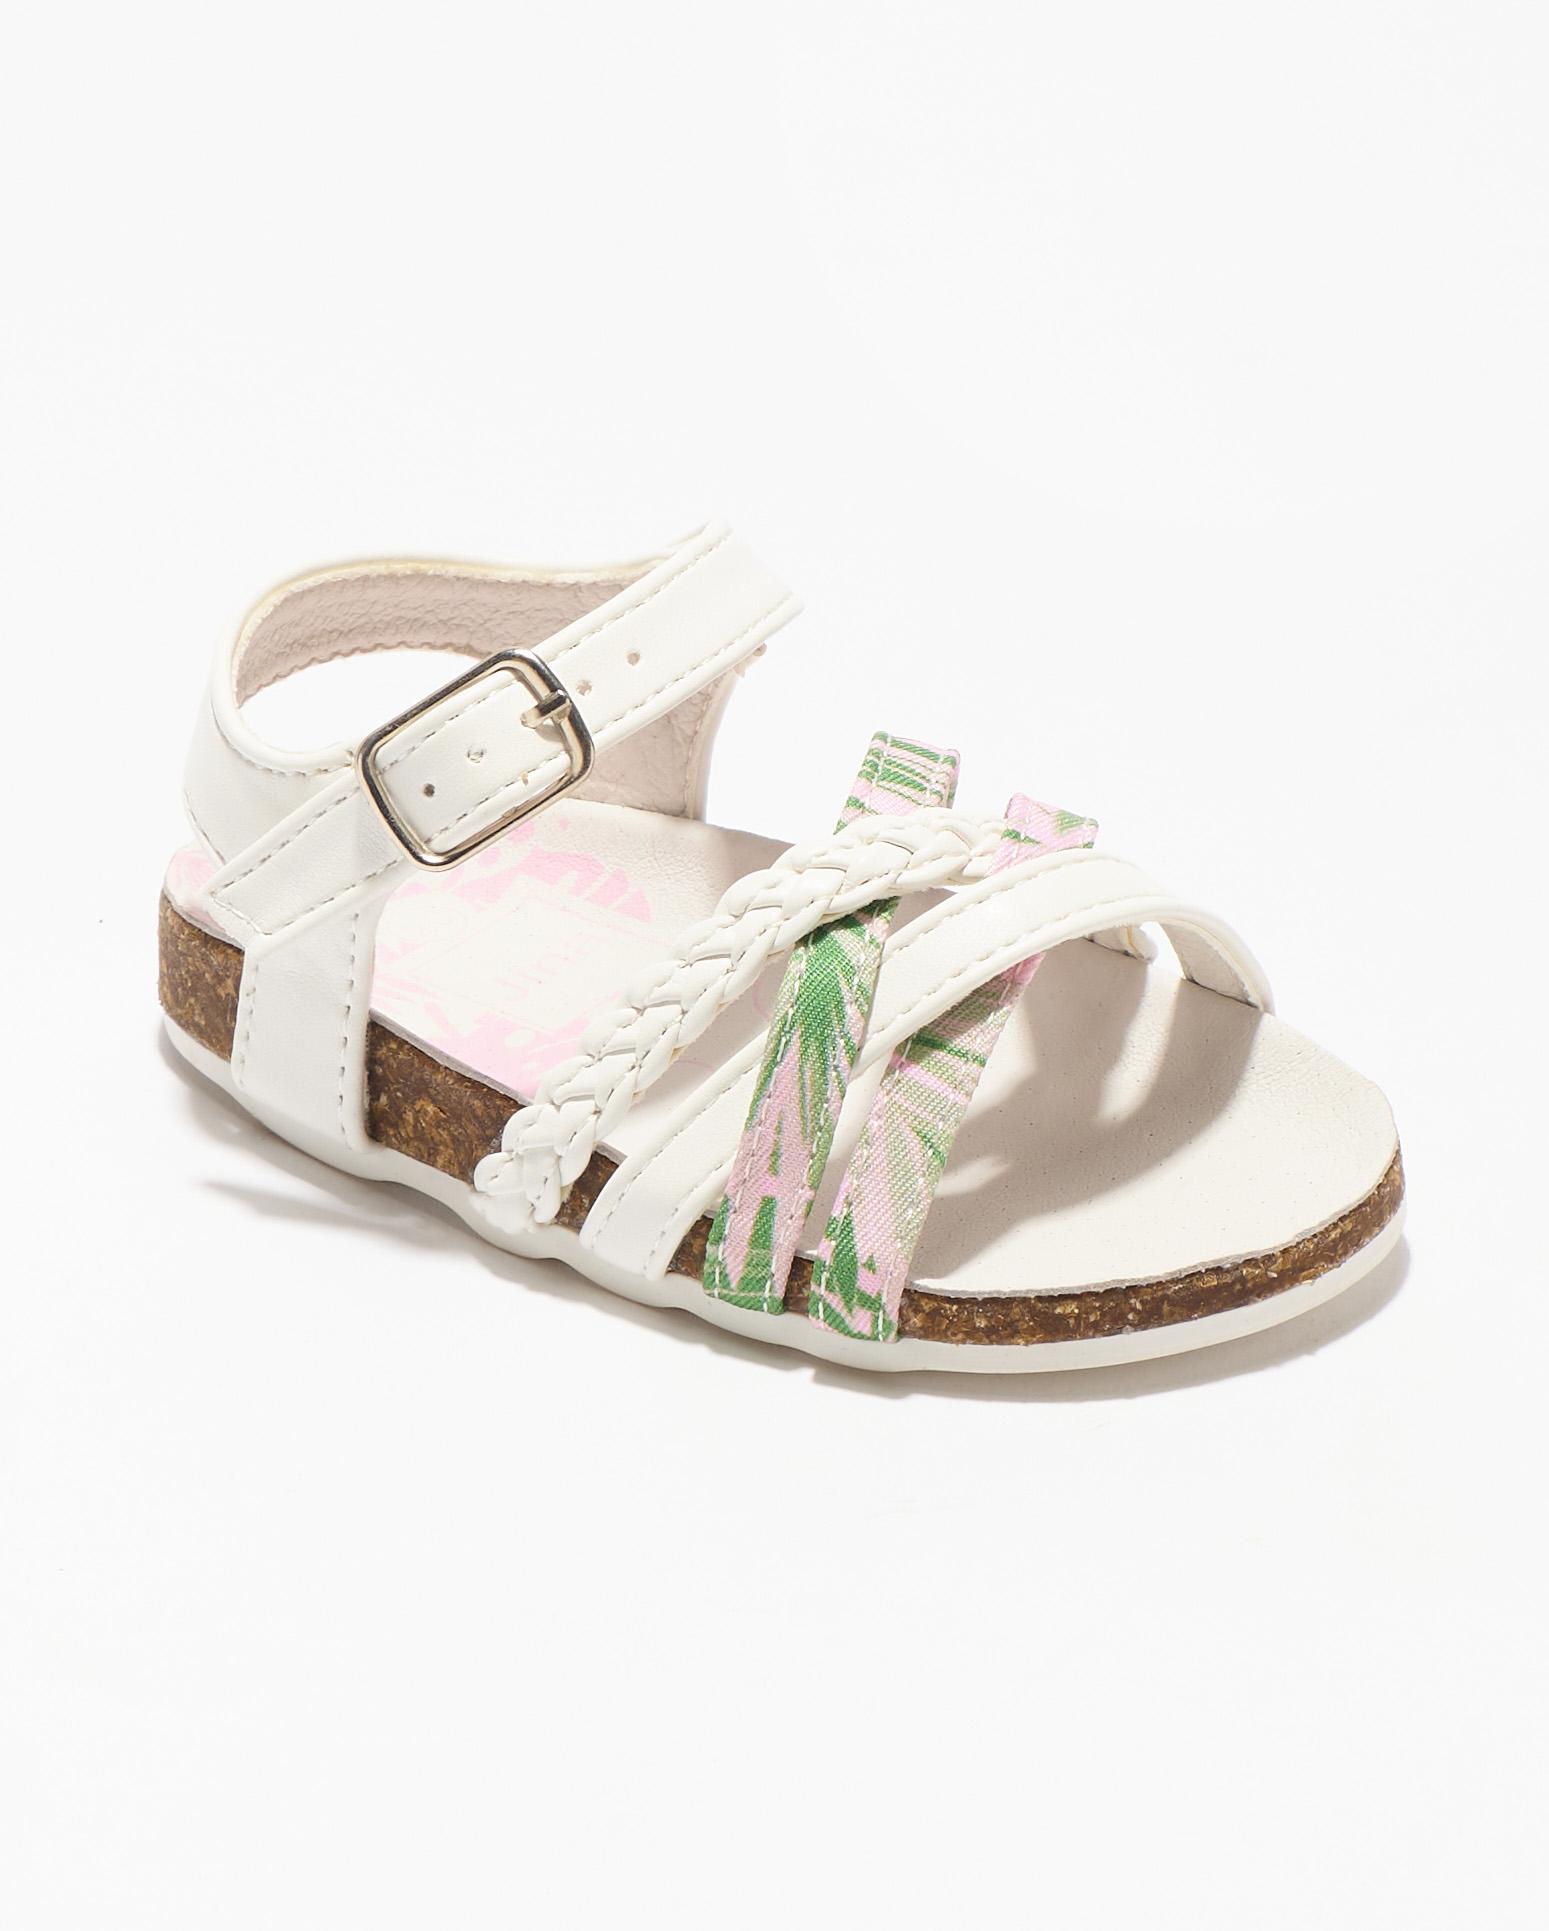 Sandales Bébé Fille - Sandale Ouverte Blanc Jina - Ydxls029-Jn1